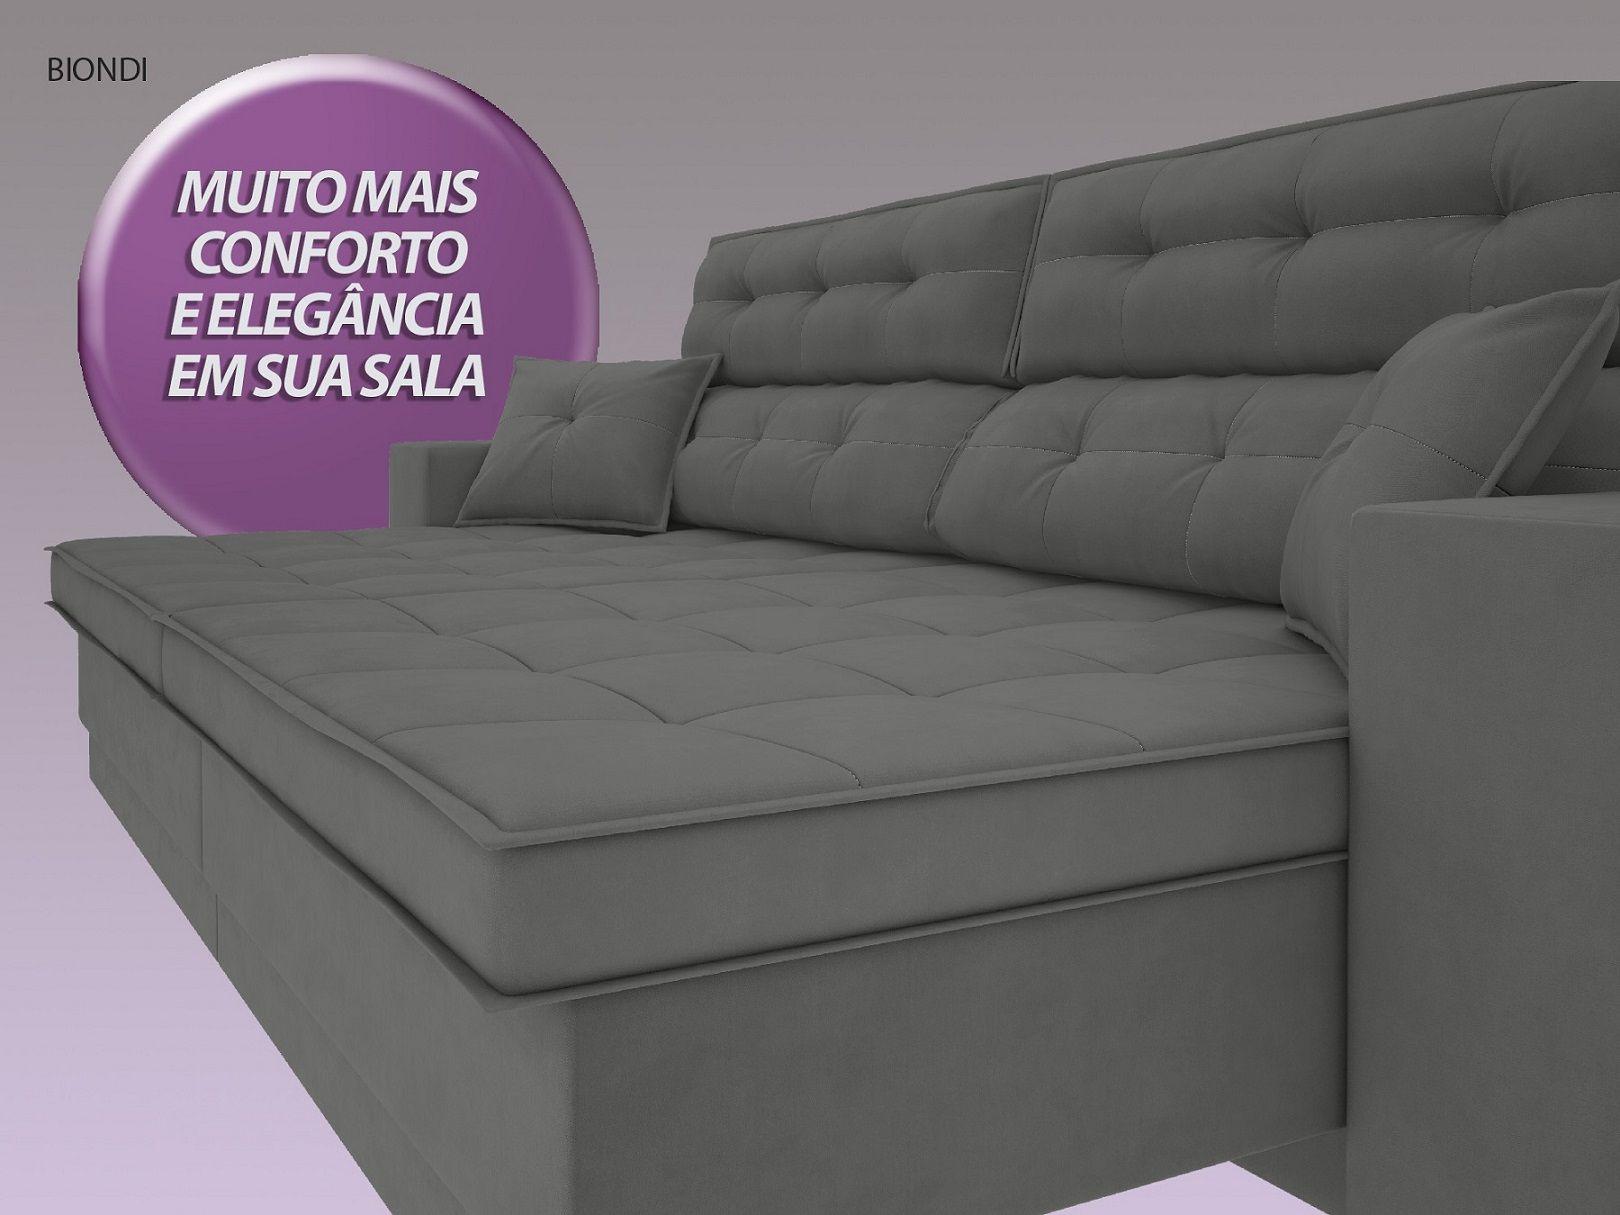 Sofá New Biondi 2,90m Retrátil e Reclinável Velosuede Grafite - NETSOFAS